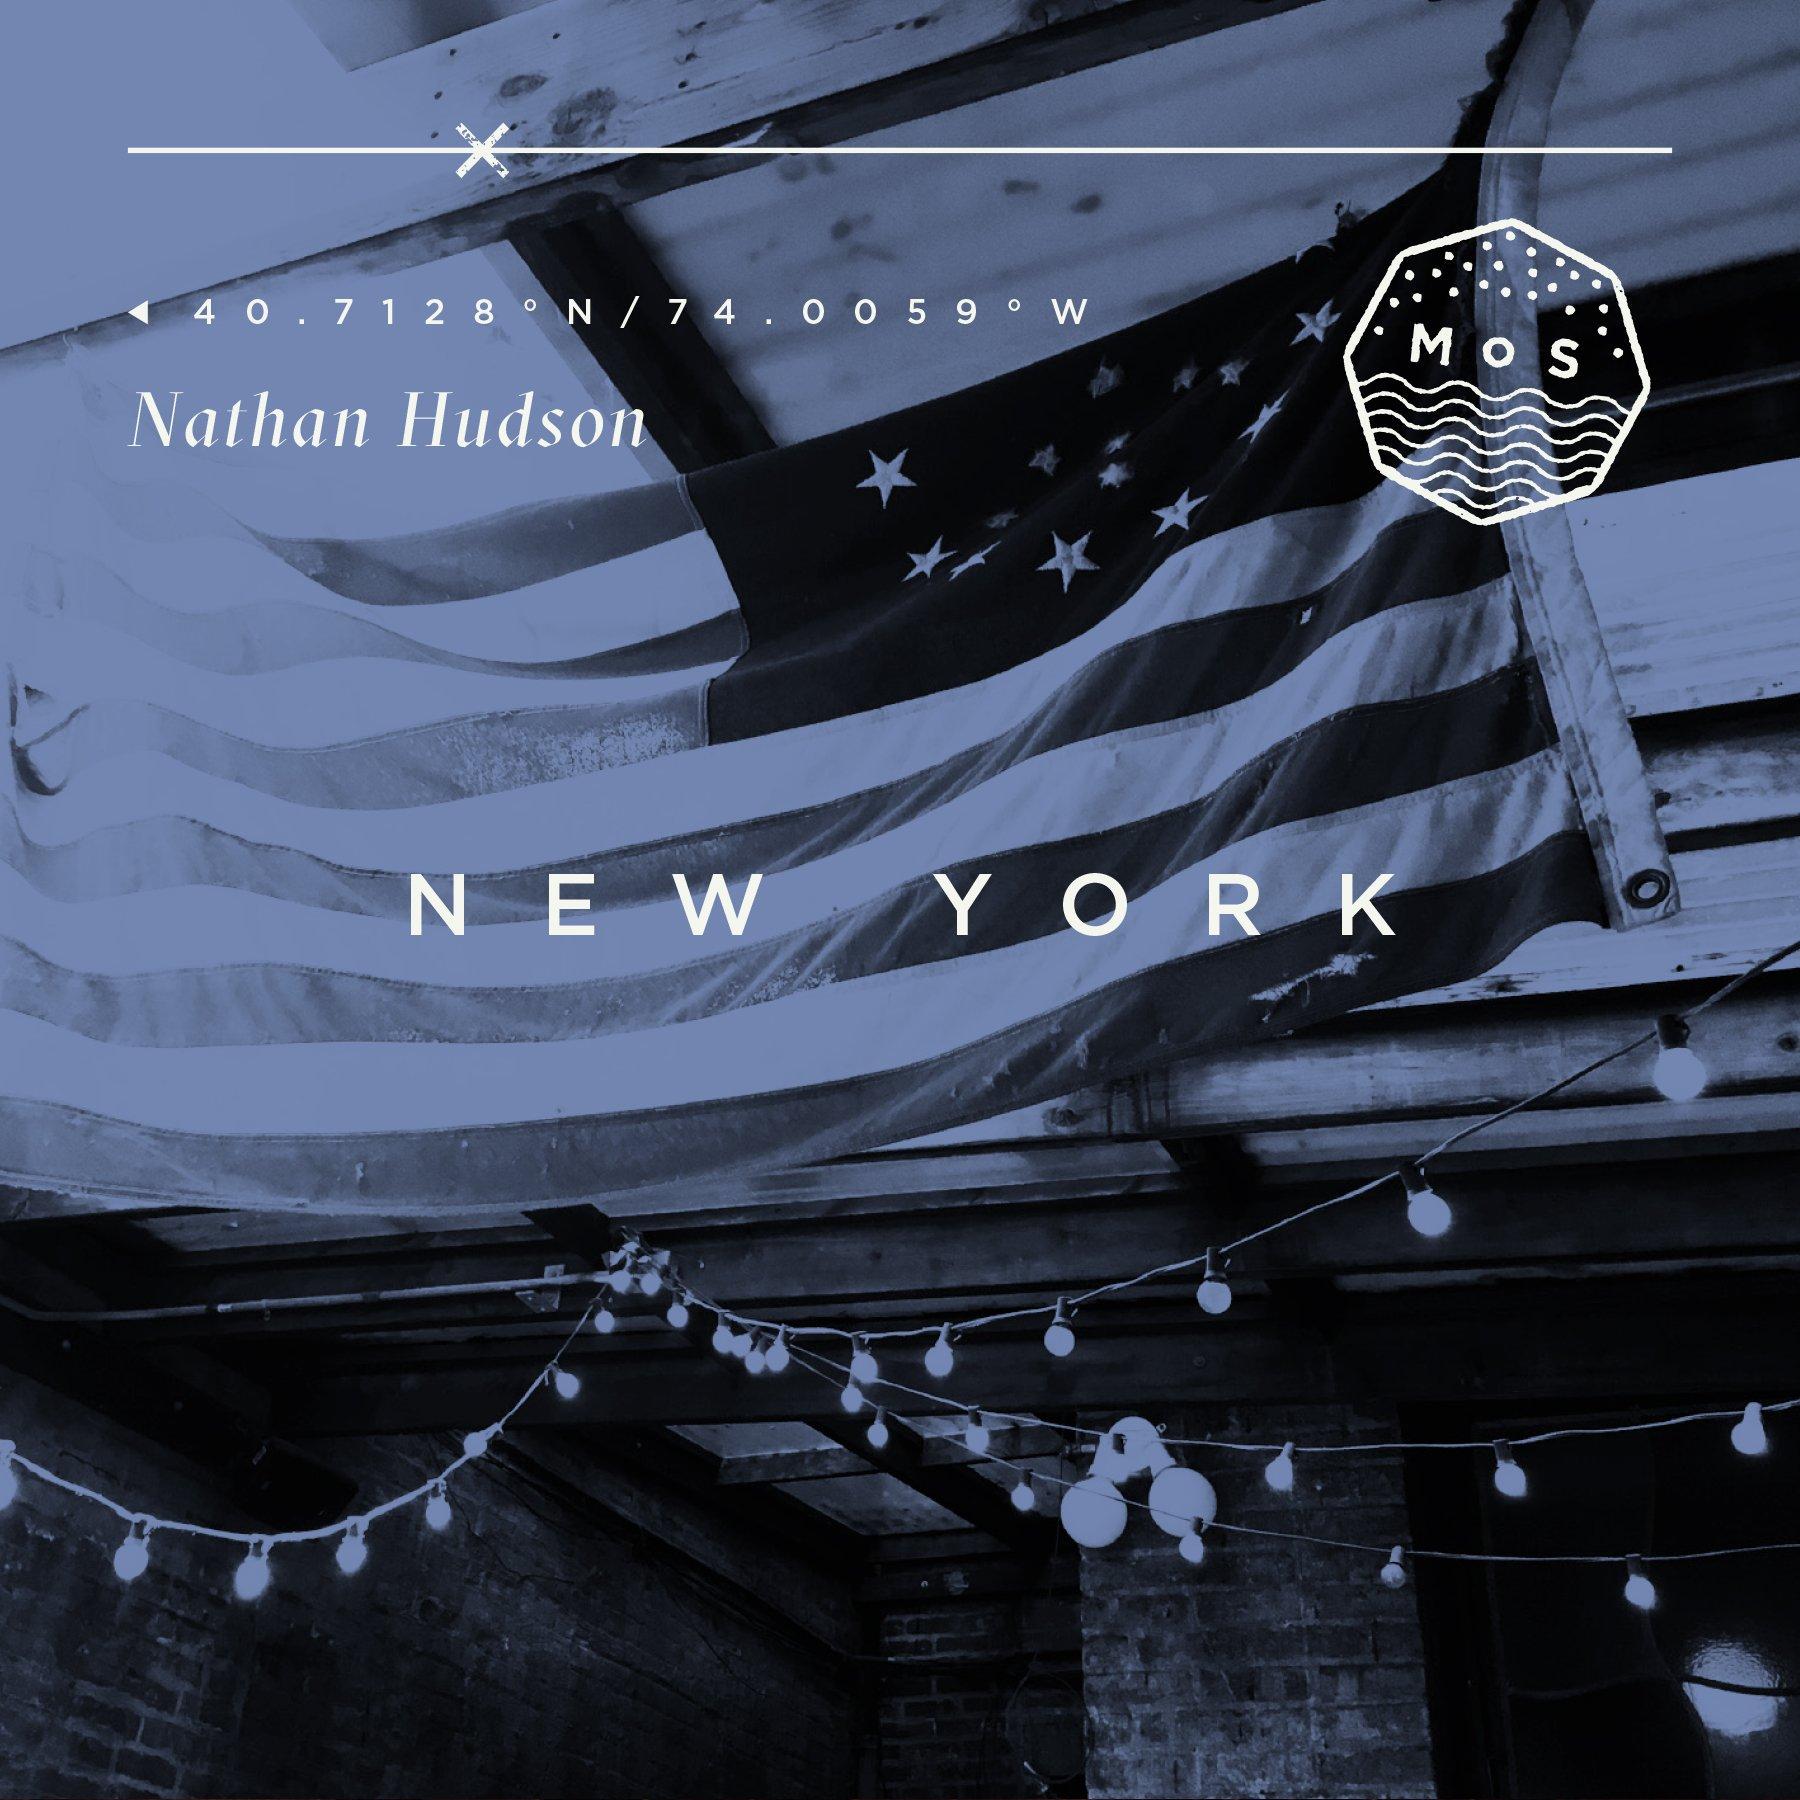 Nathan Hudson MOS NY.jpg